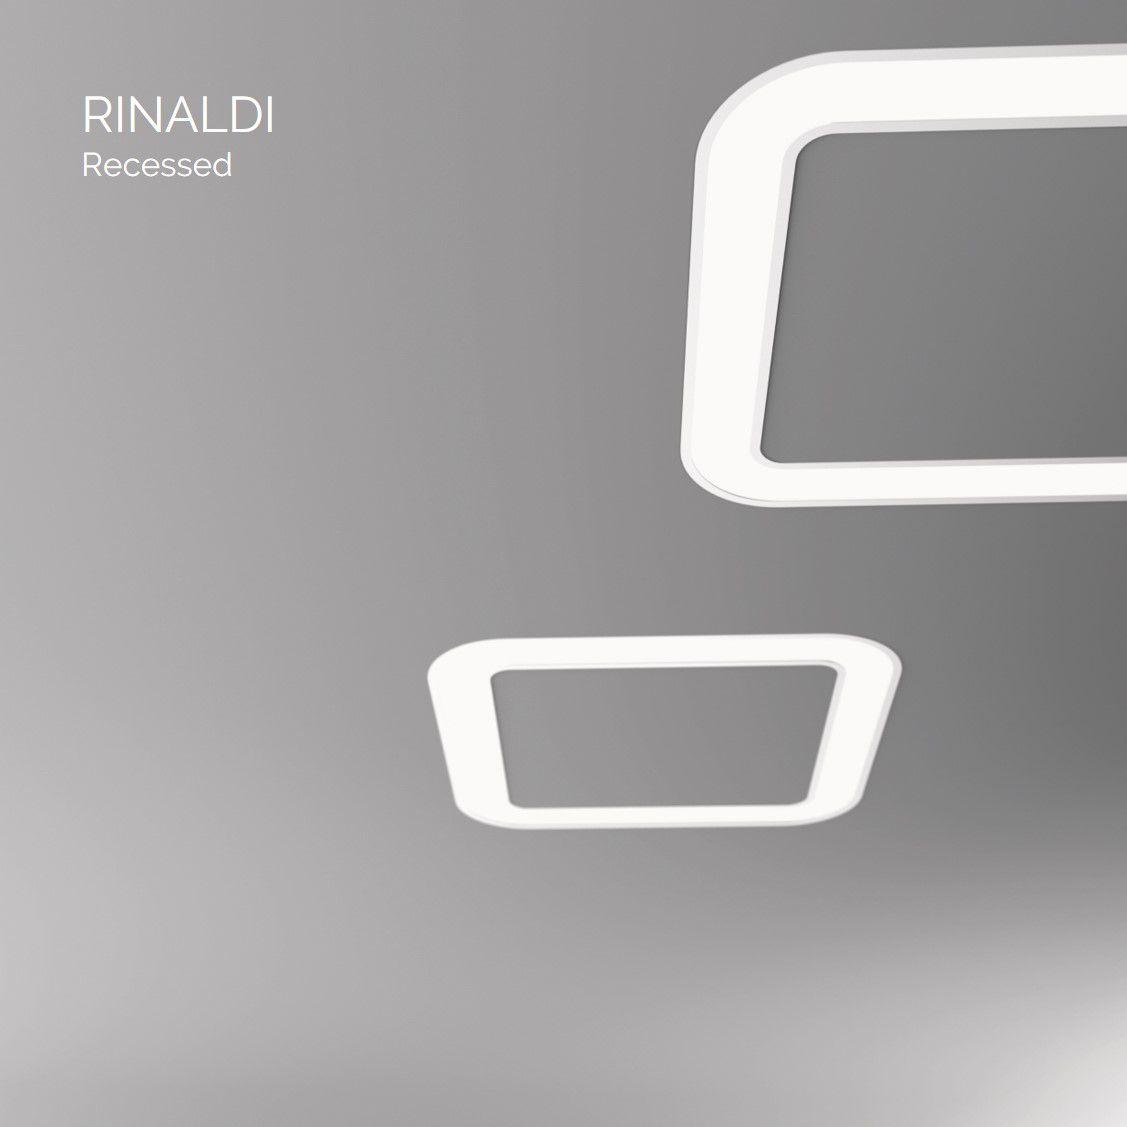 rinaldi inbouw armatuur vierkant 1200mm 4000k 11308lm 140w fix